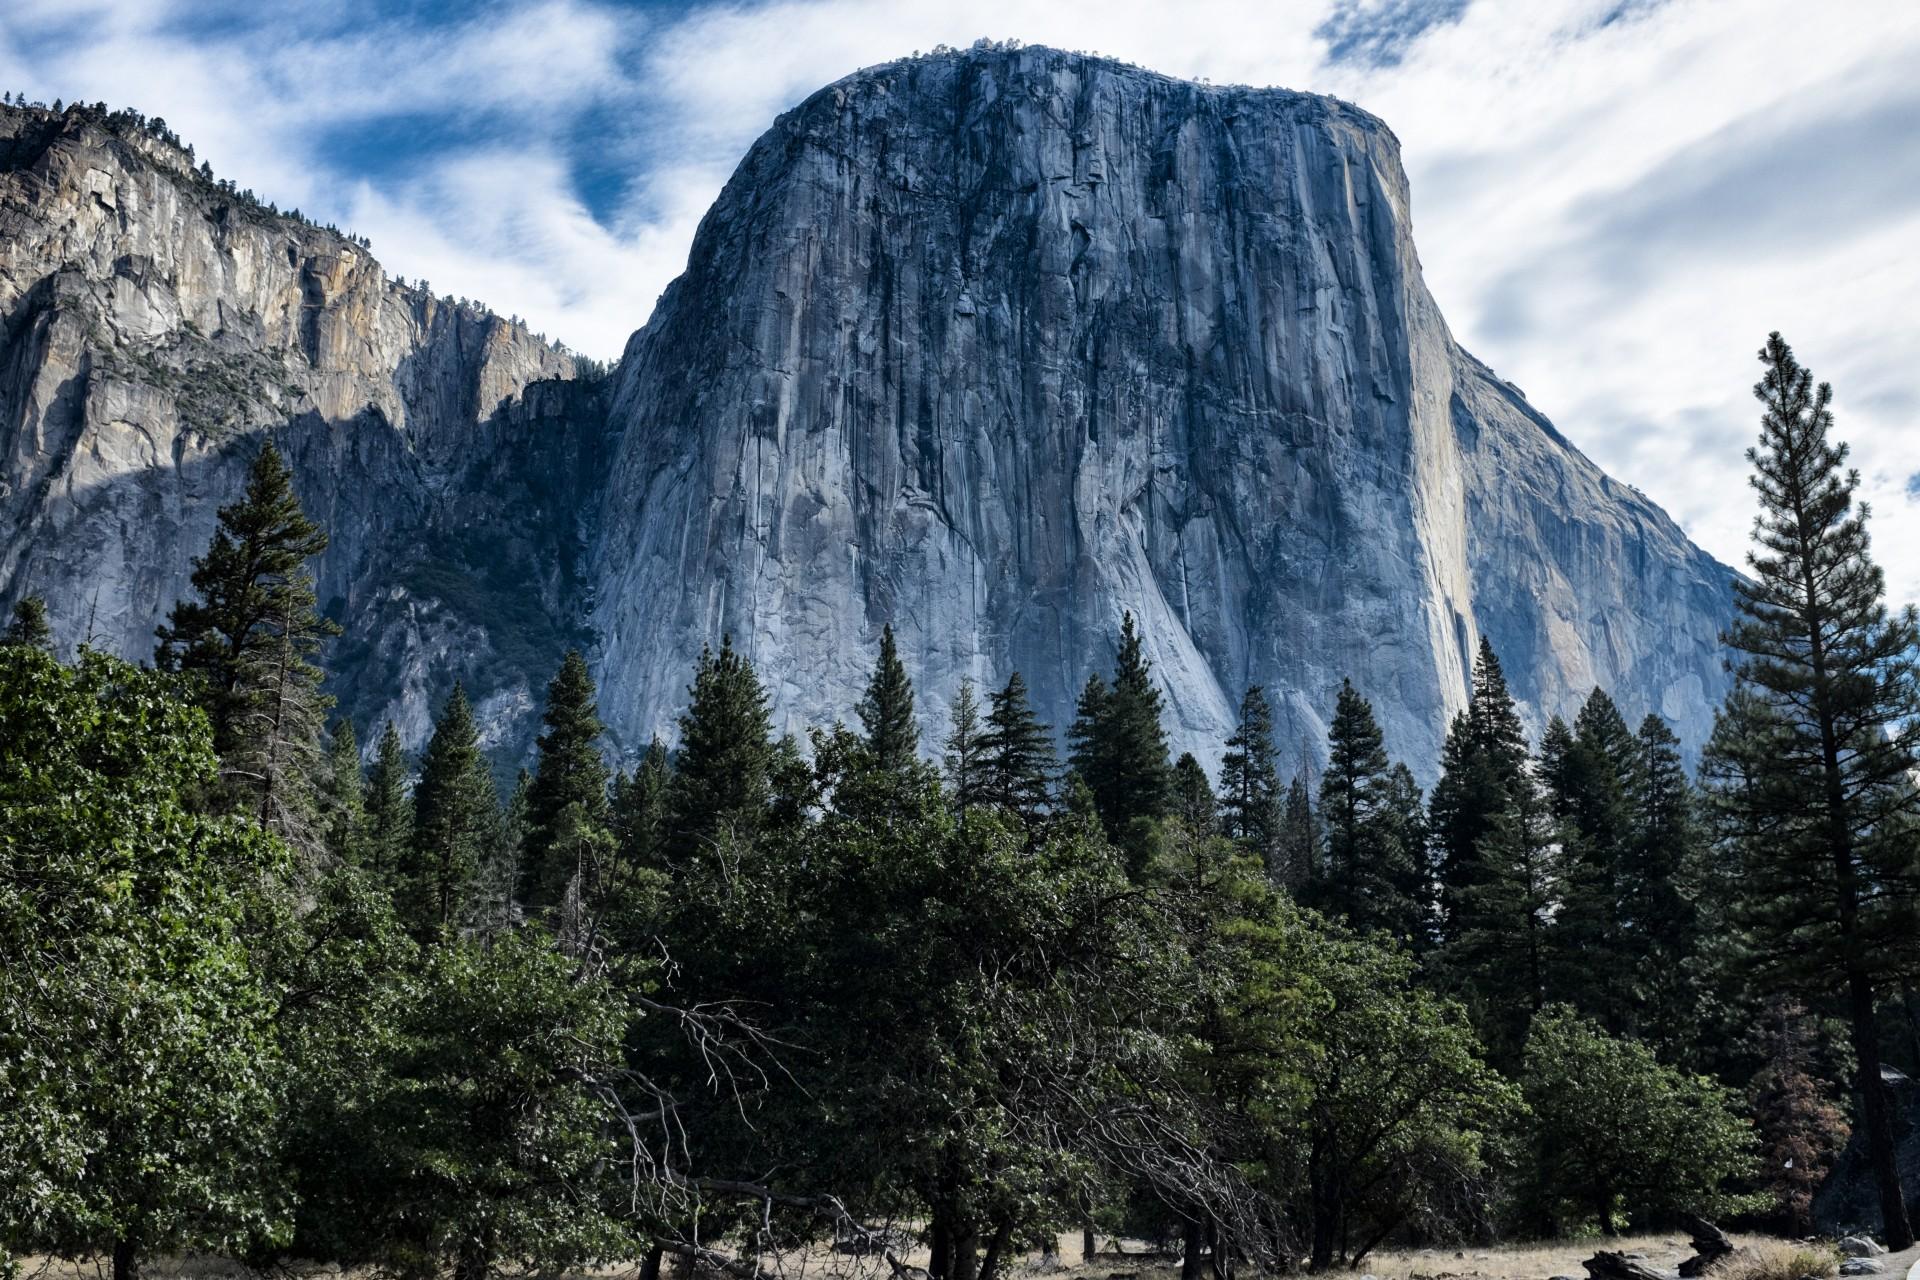 El Cap, The Nose